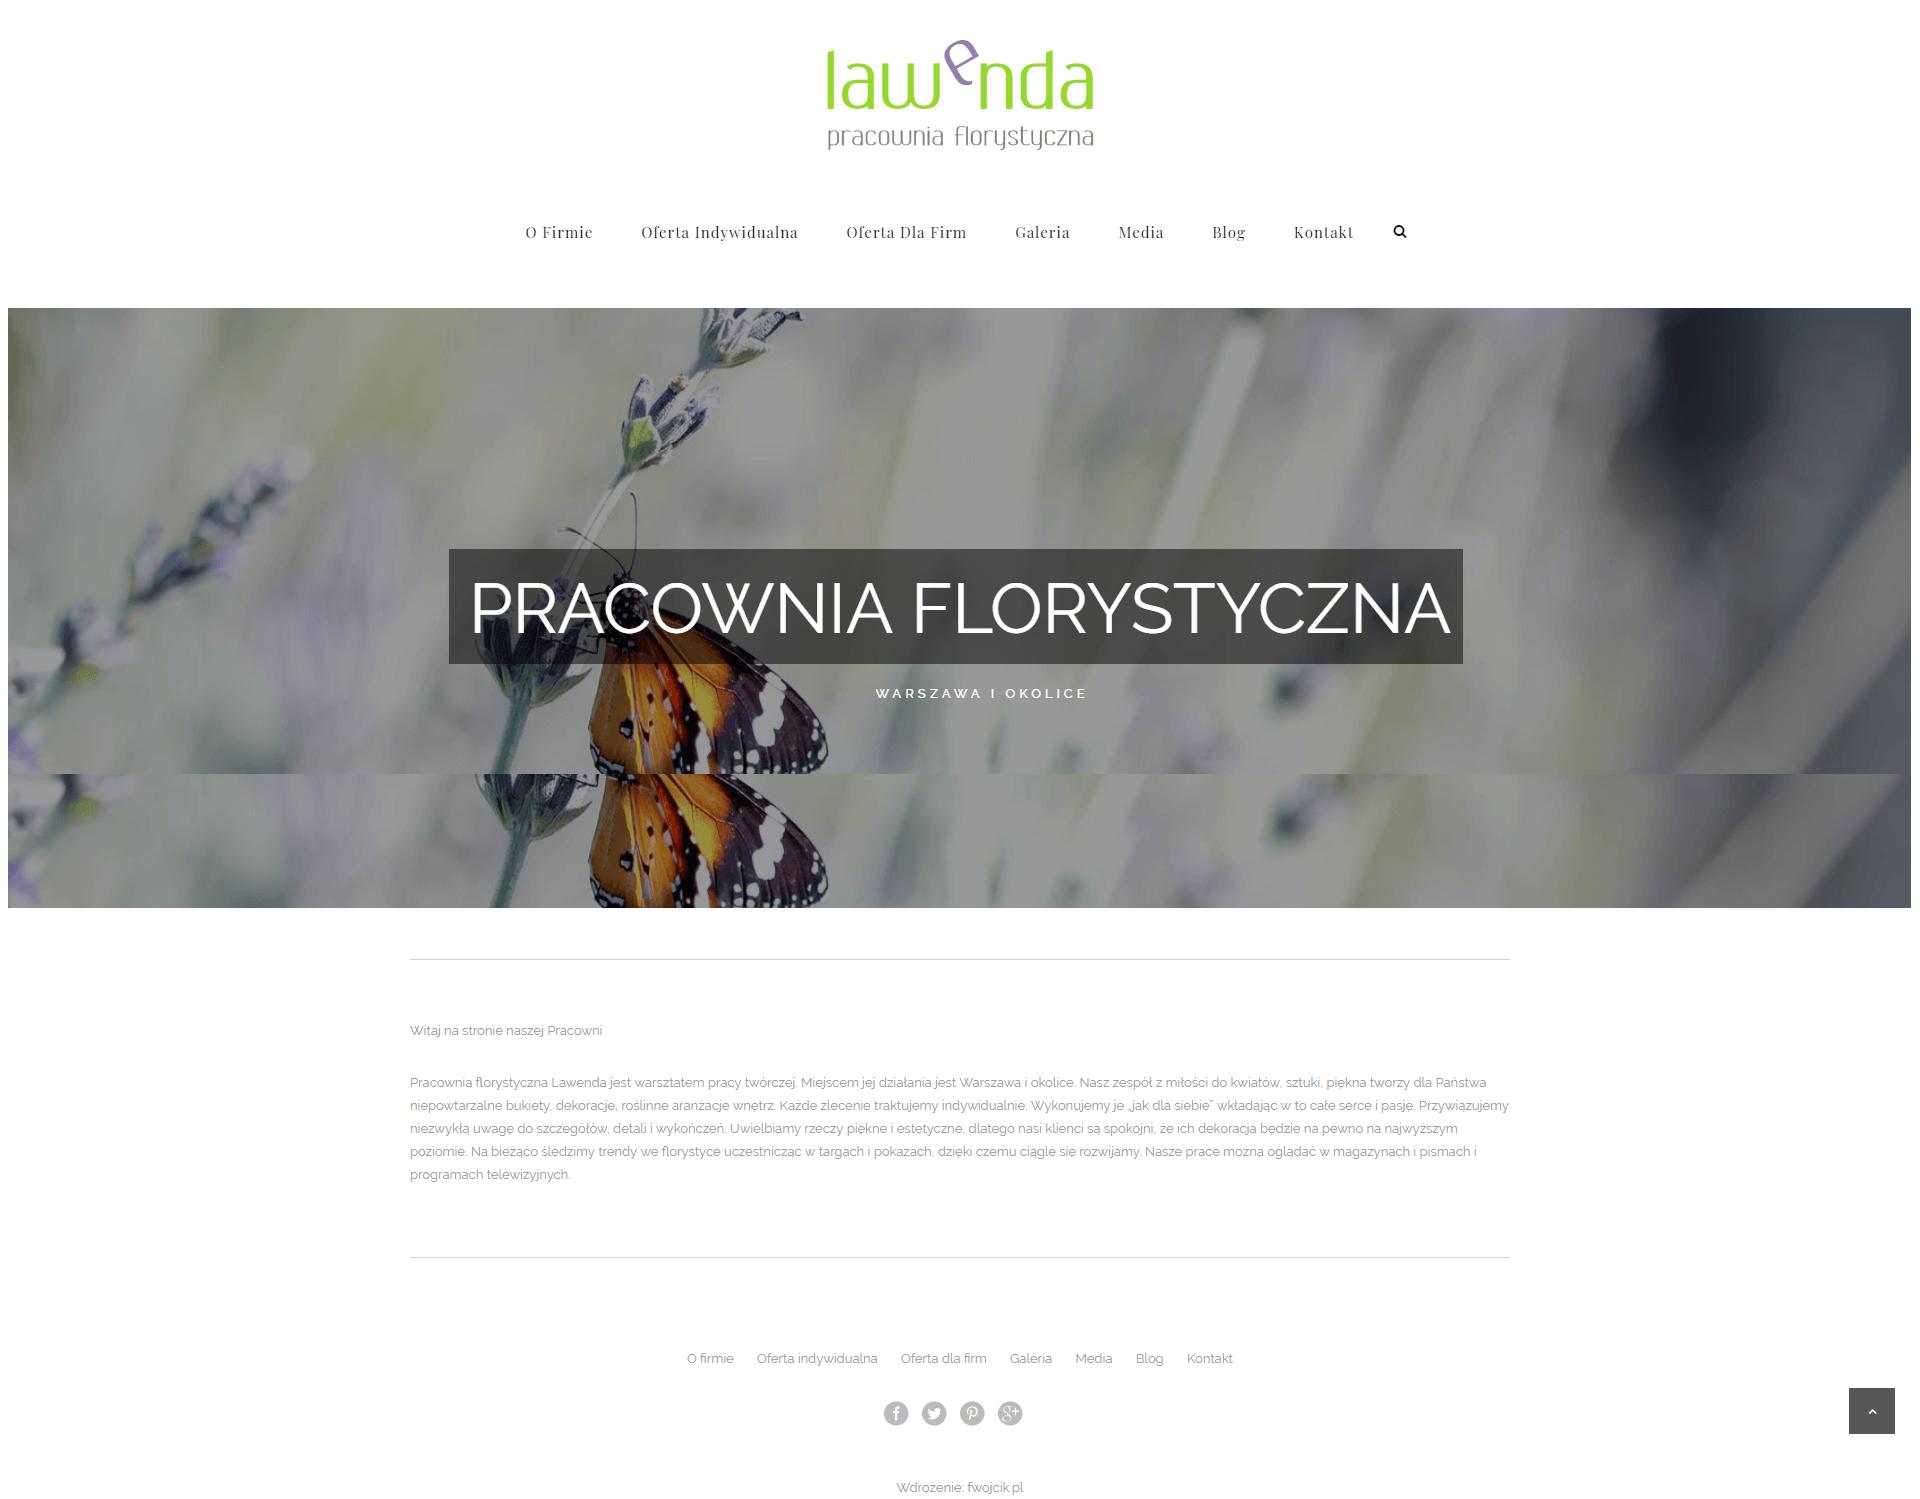 Lawenda - pracownia florystyczna 9